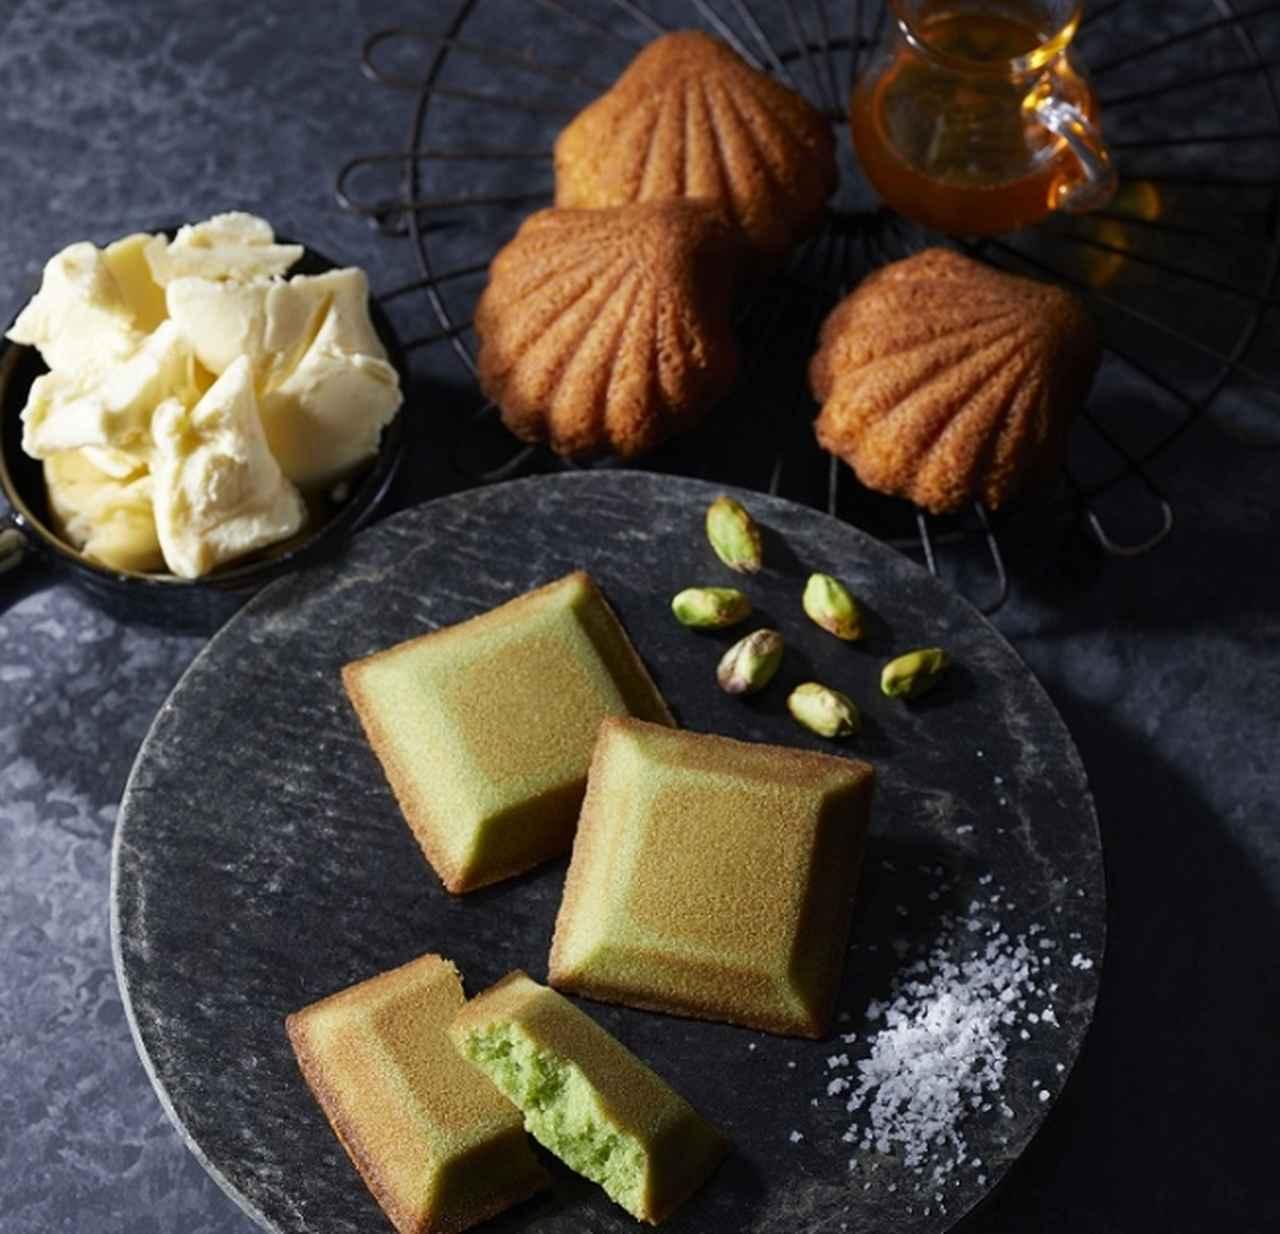 画像1: ワンランク上のラグジュアリーな焼き菓子「ファボレーヌ」